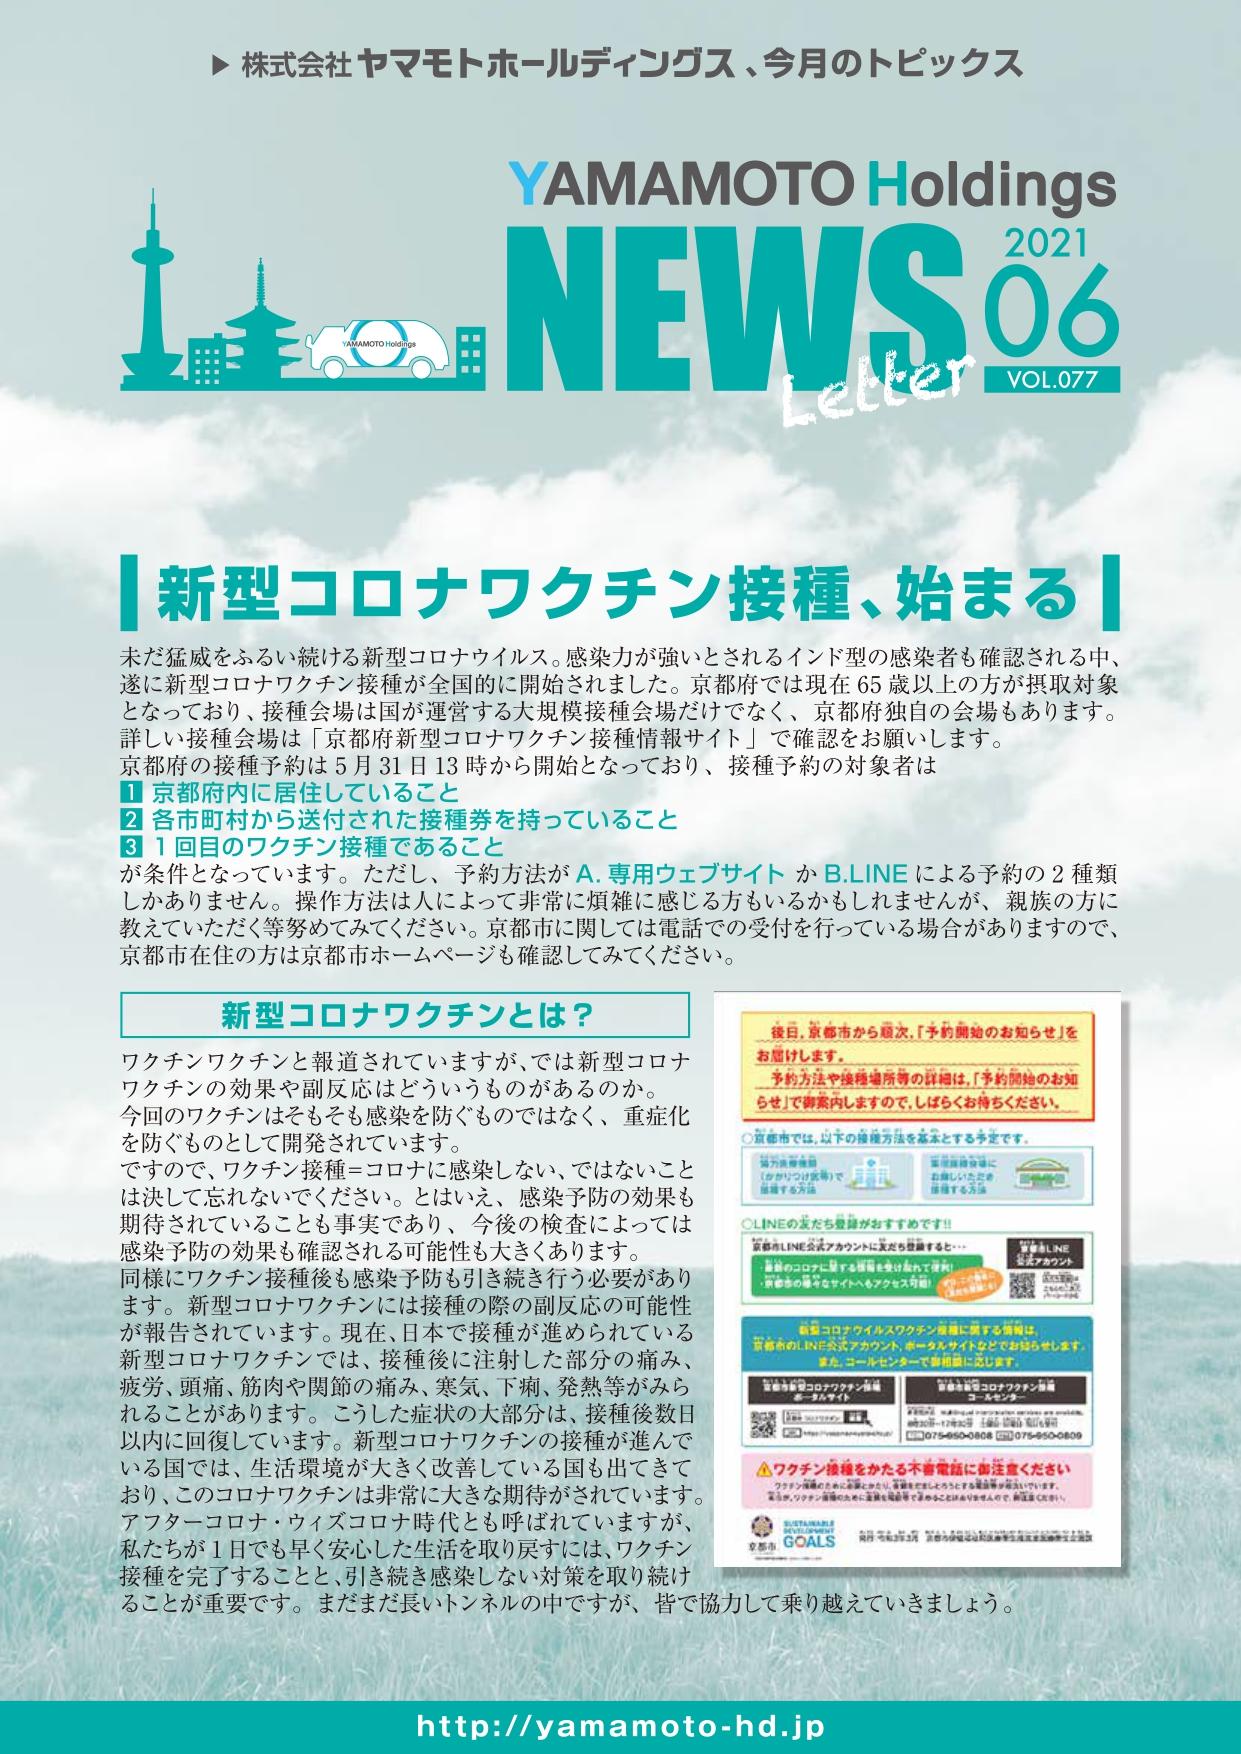 「ヤマモトホールディングス ニュースレター」2021年6月号を掲載しました。